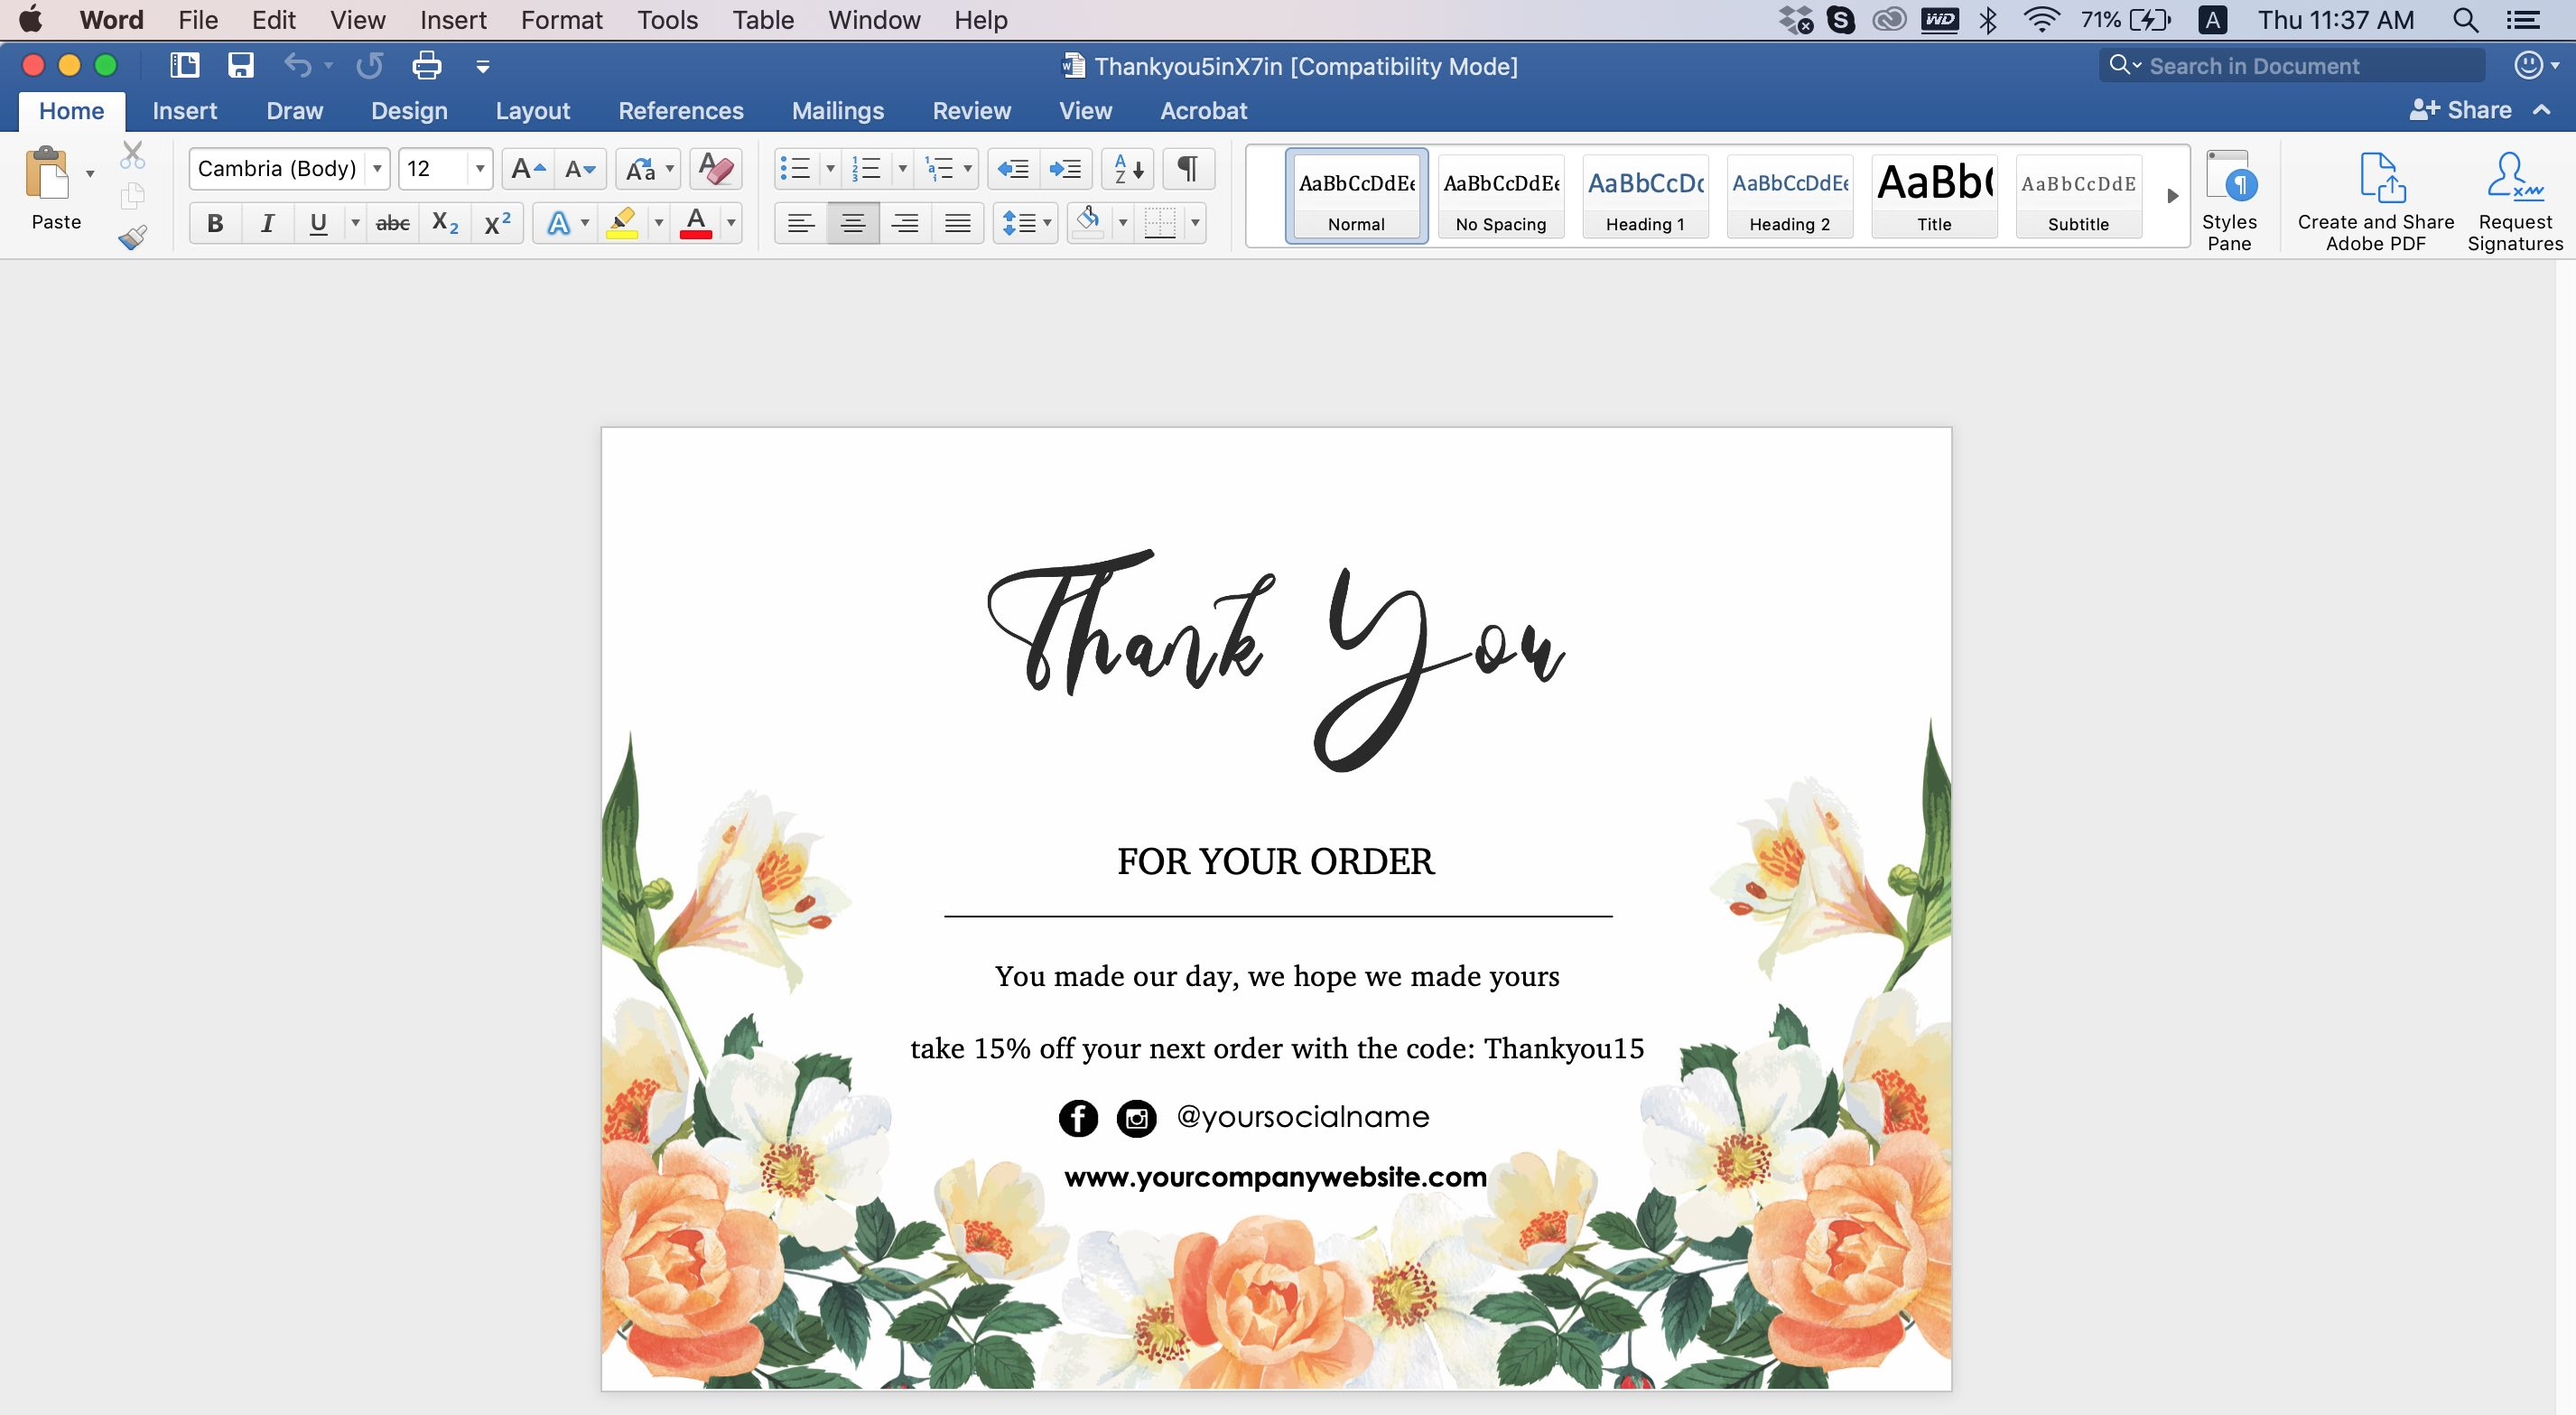 EDITABLE THANK YOU CARD